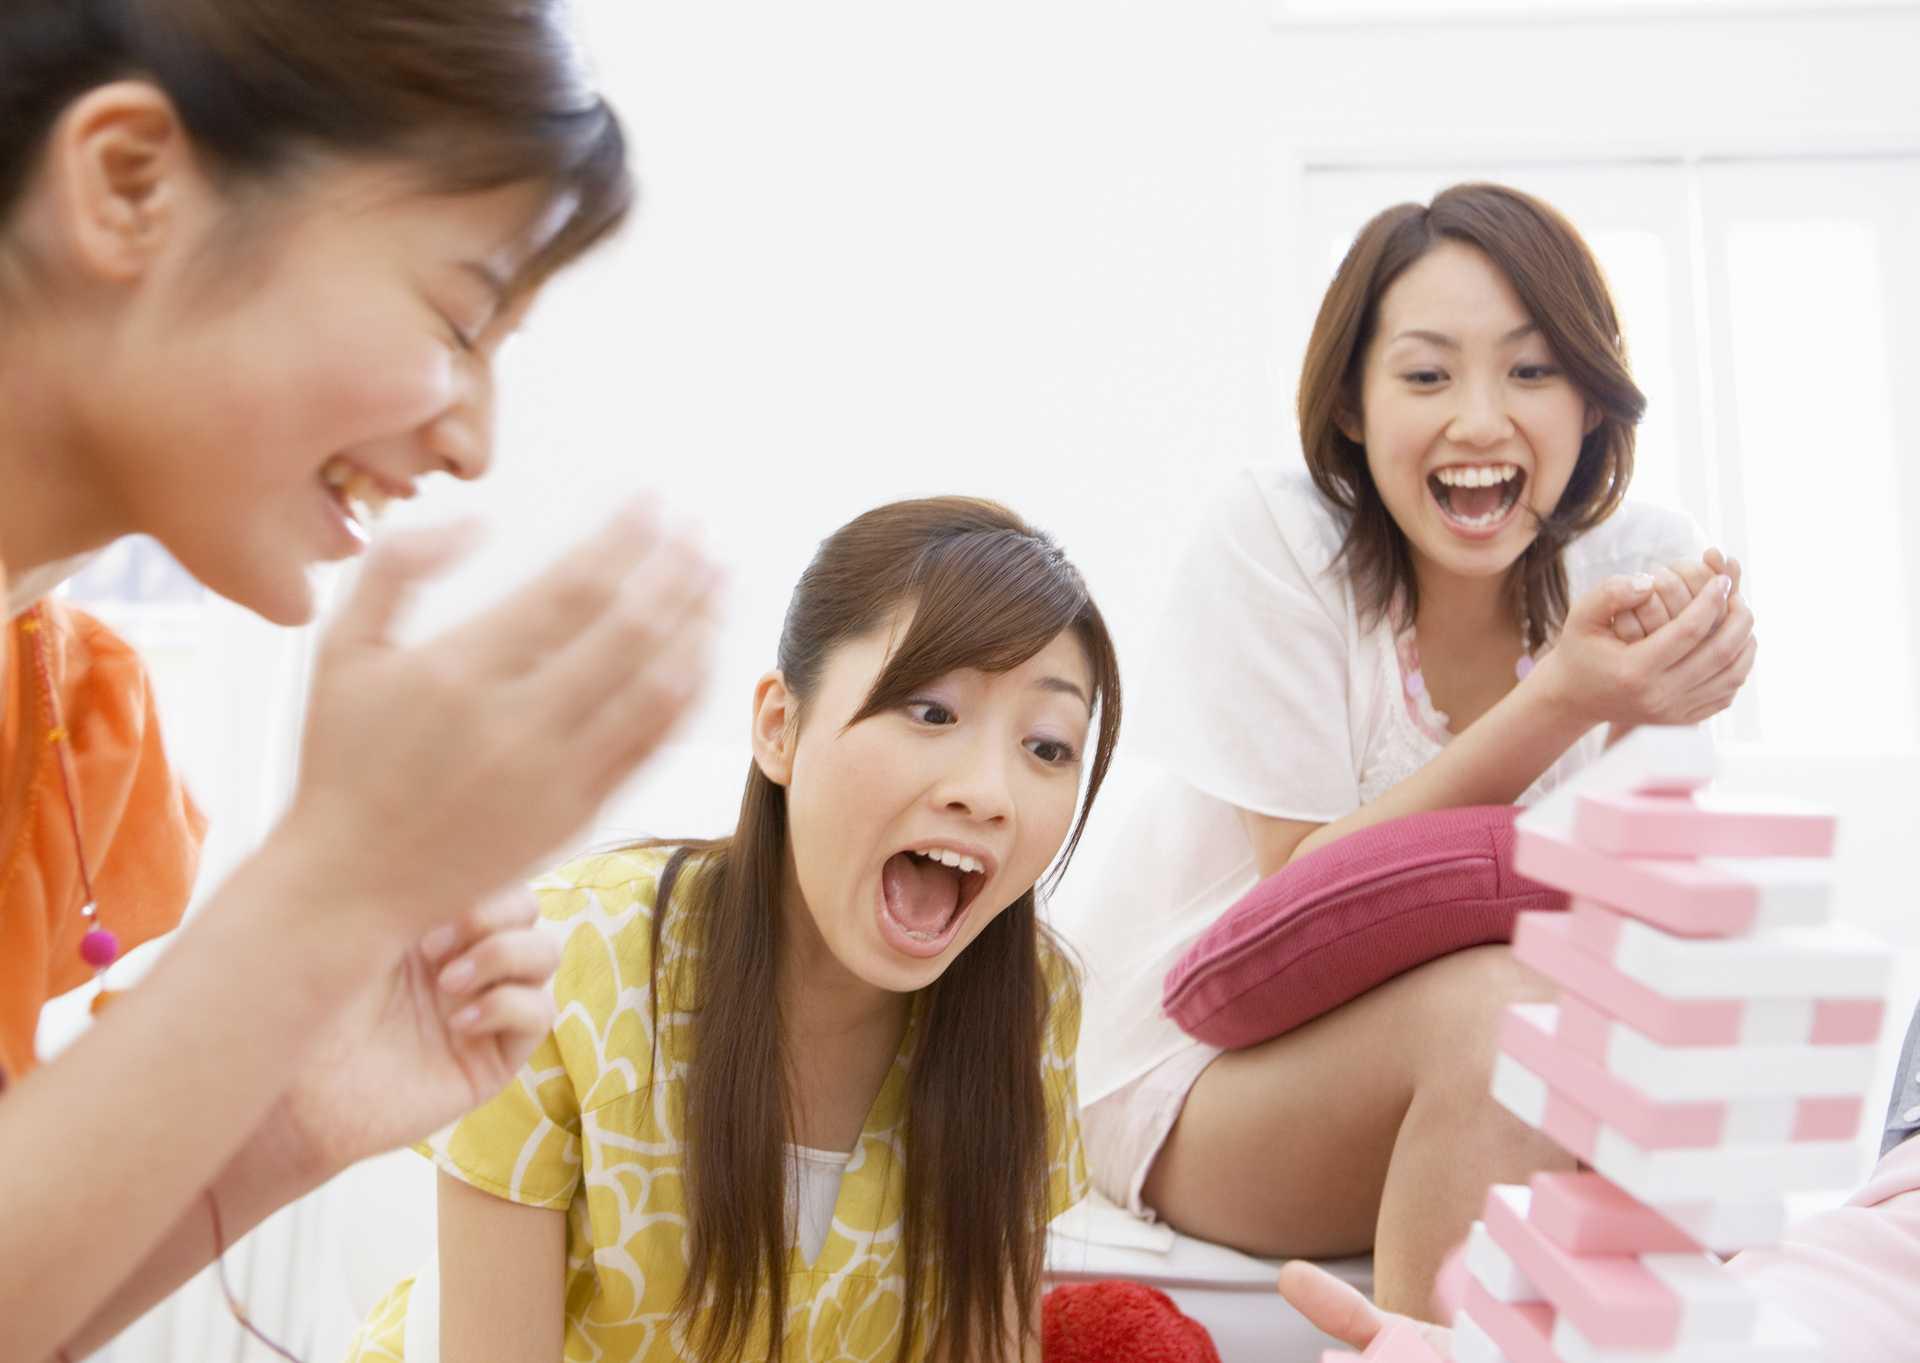 おもちゃには、童心に返る力がある。 | のんびり気楽に生きる30の心の習慣